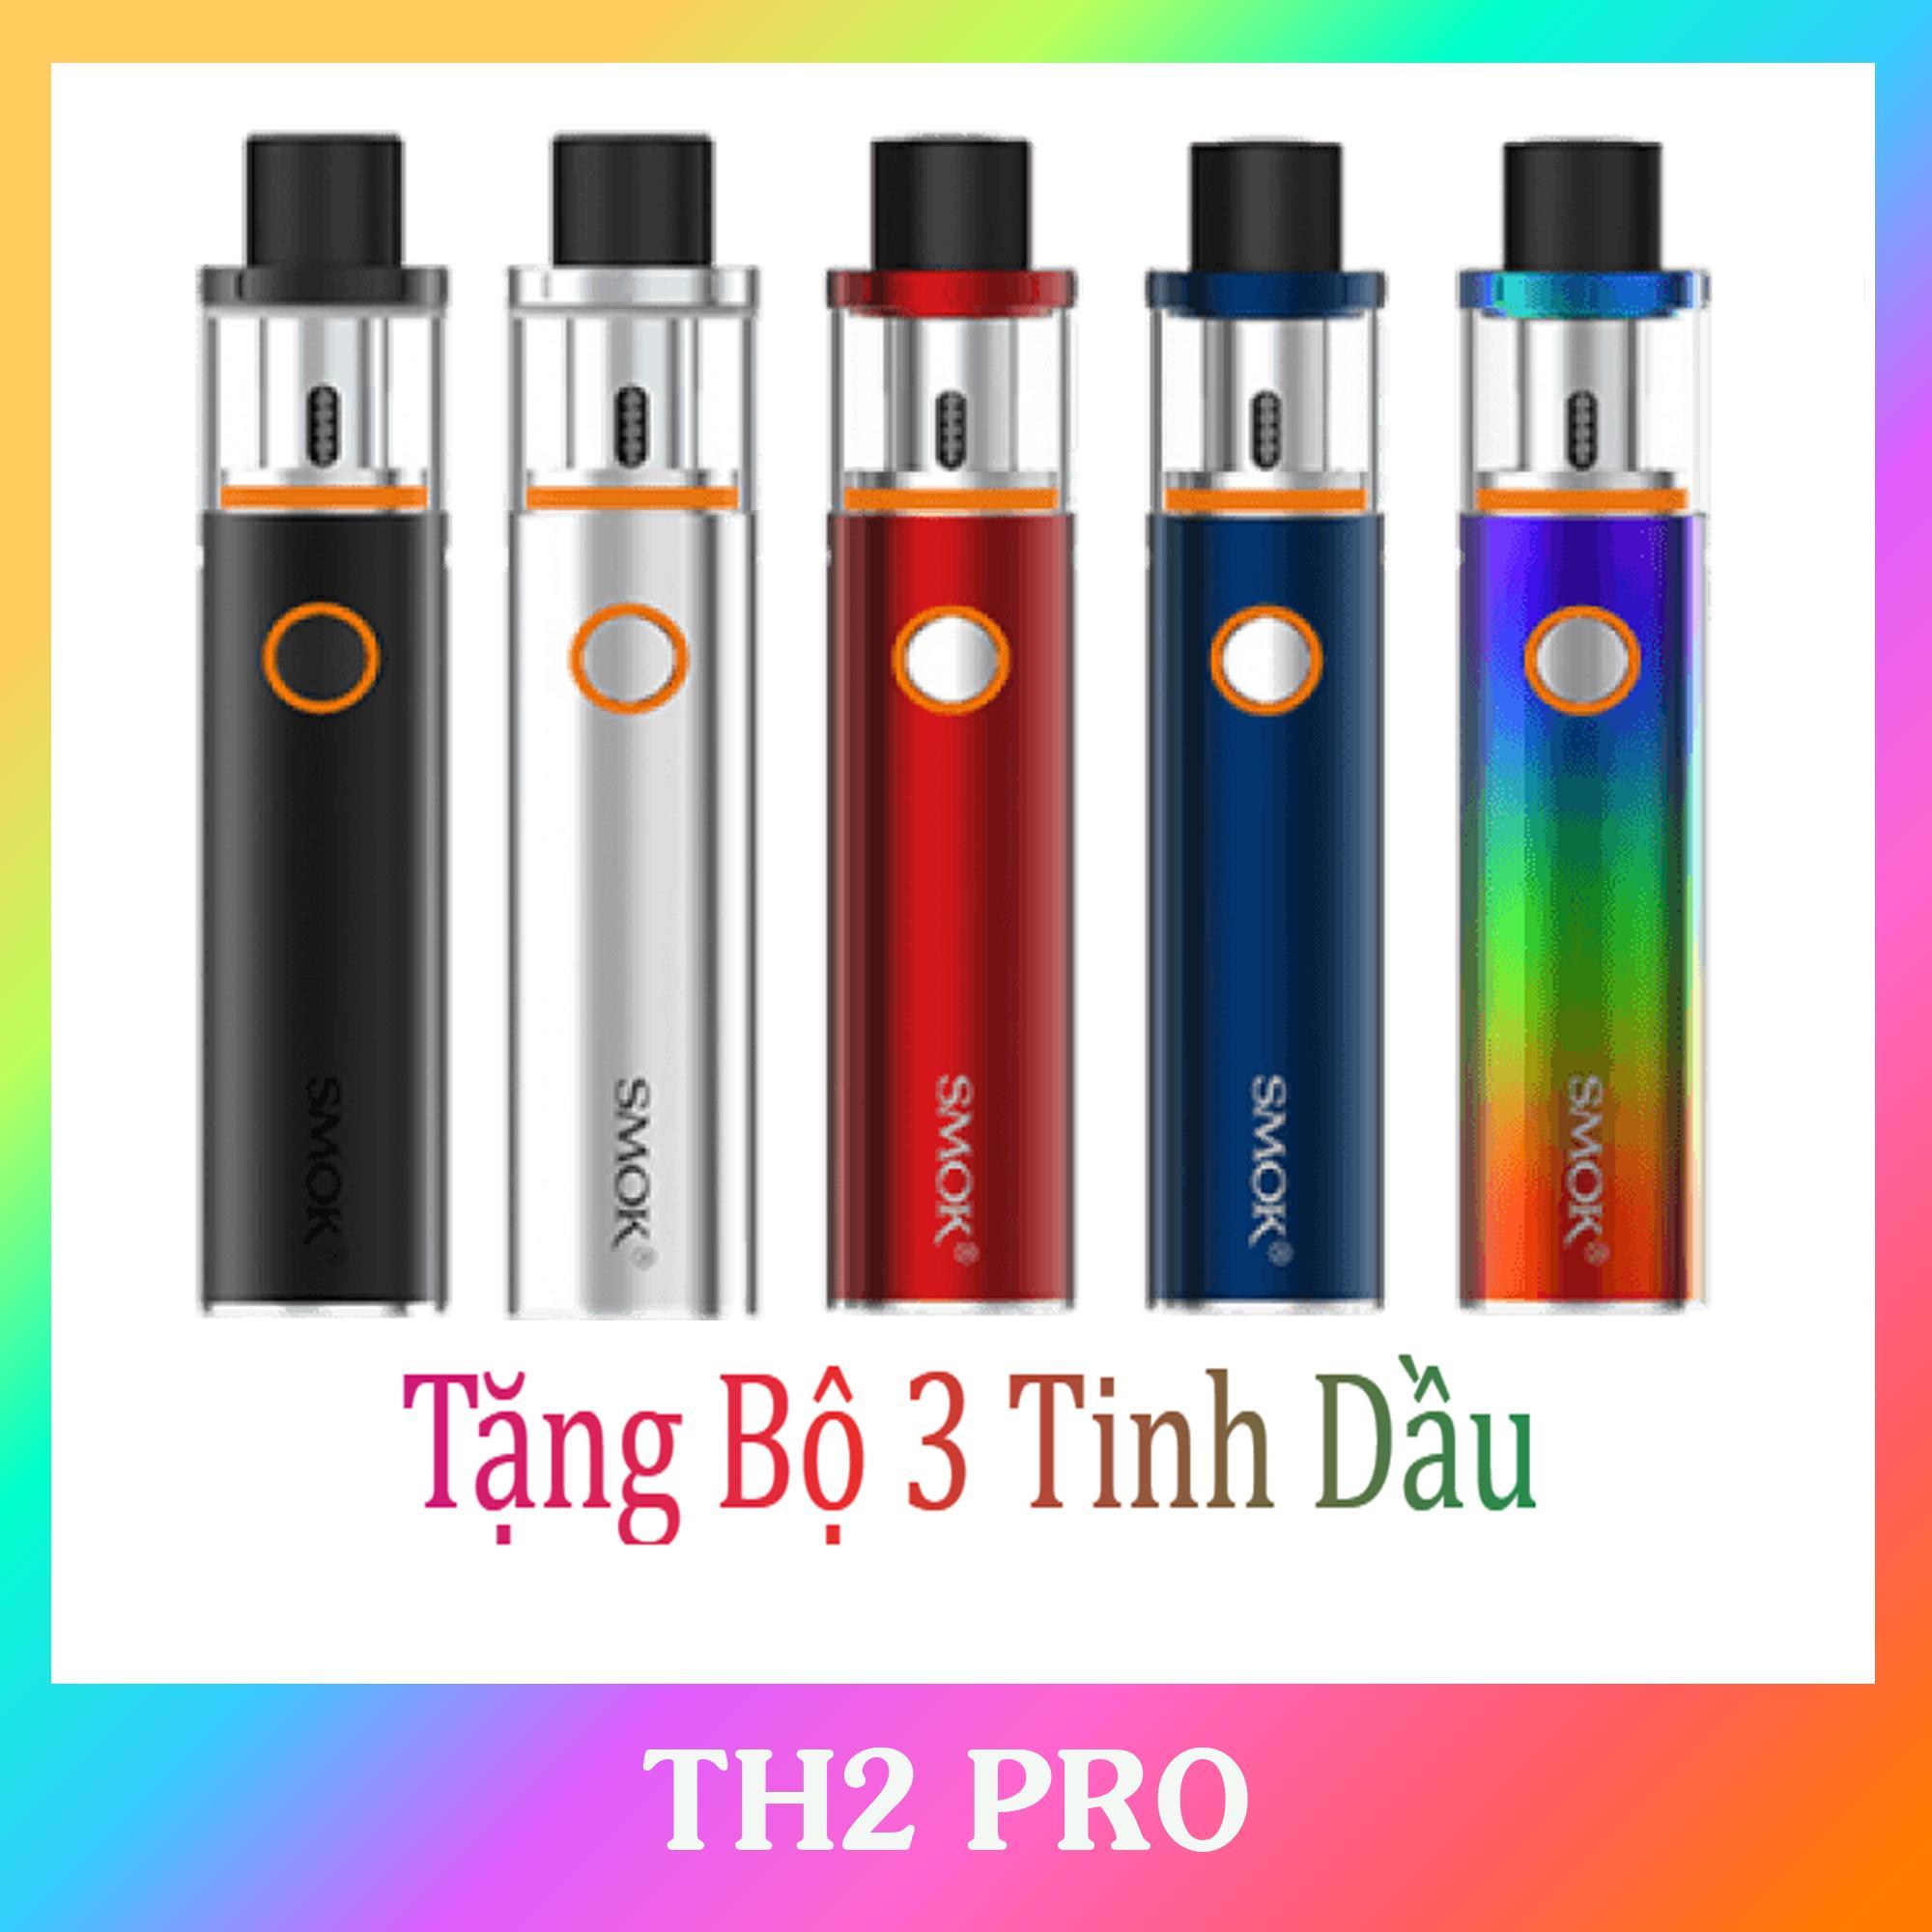 Vape Smok Pen 22 50w - Siêu Khói Tặng Bộ 3 Lọ Tinh Dầu Siêu Chất Lượng